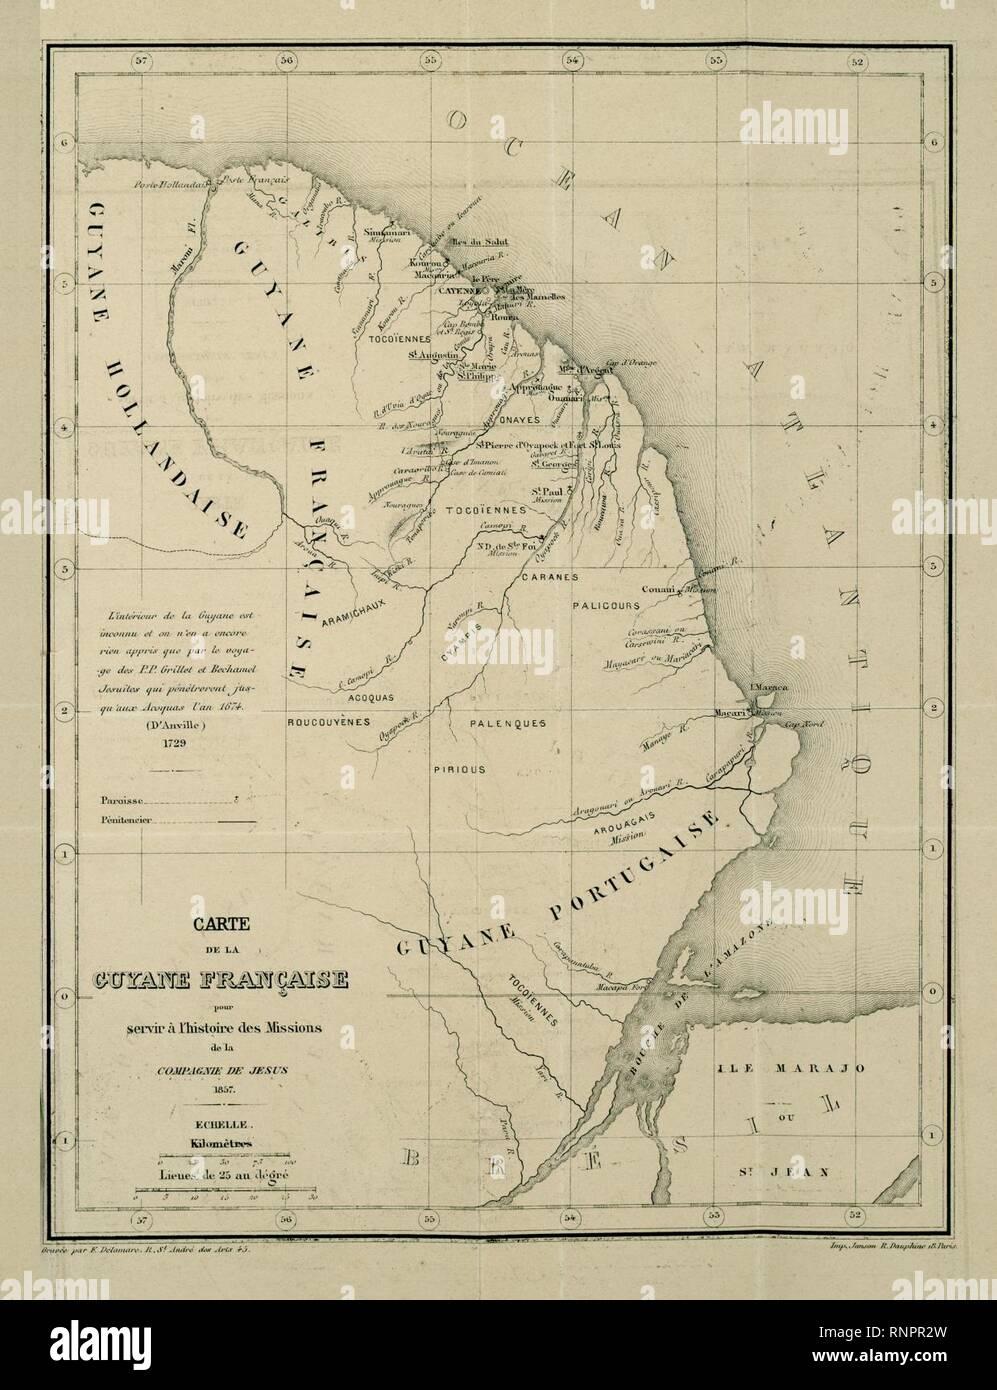 Carte de la Guyane française pour servir à l'histoire des Missions de la Compagnie de Jésus, 1857. - Stock Image